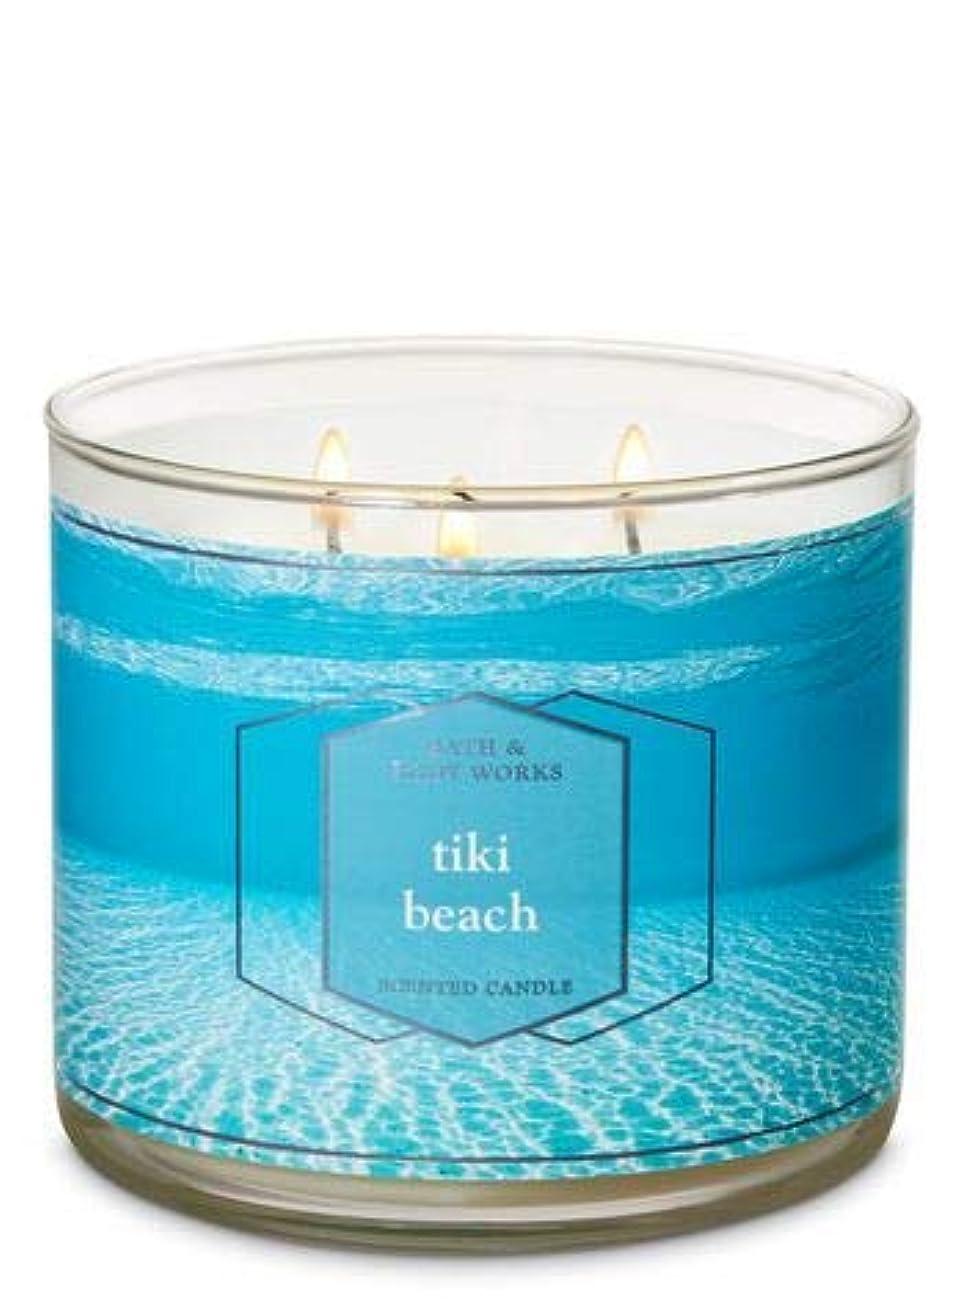 加害者住むトロピカル【Bath&Body Works/バス&ボディワークス】 アロマキャンドル ティキビーチ 3-Wick Scented Candle Tiki Beach 14.5oz/411g [並行輸入品]